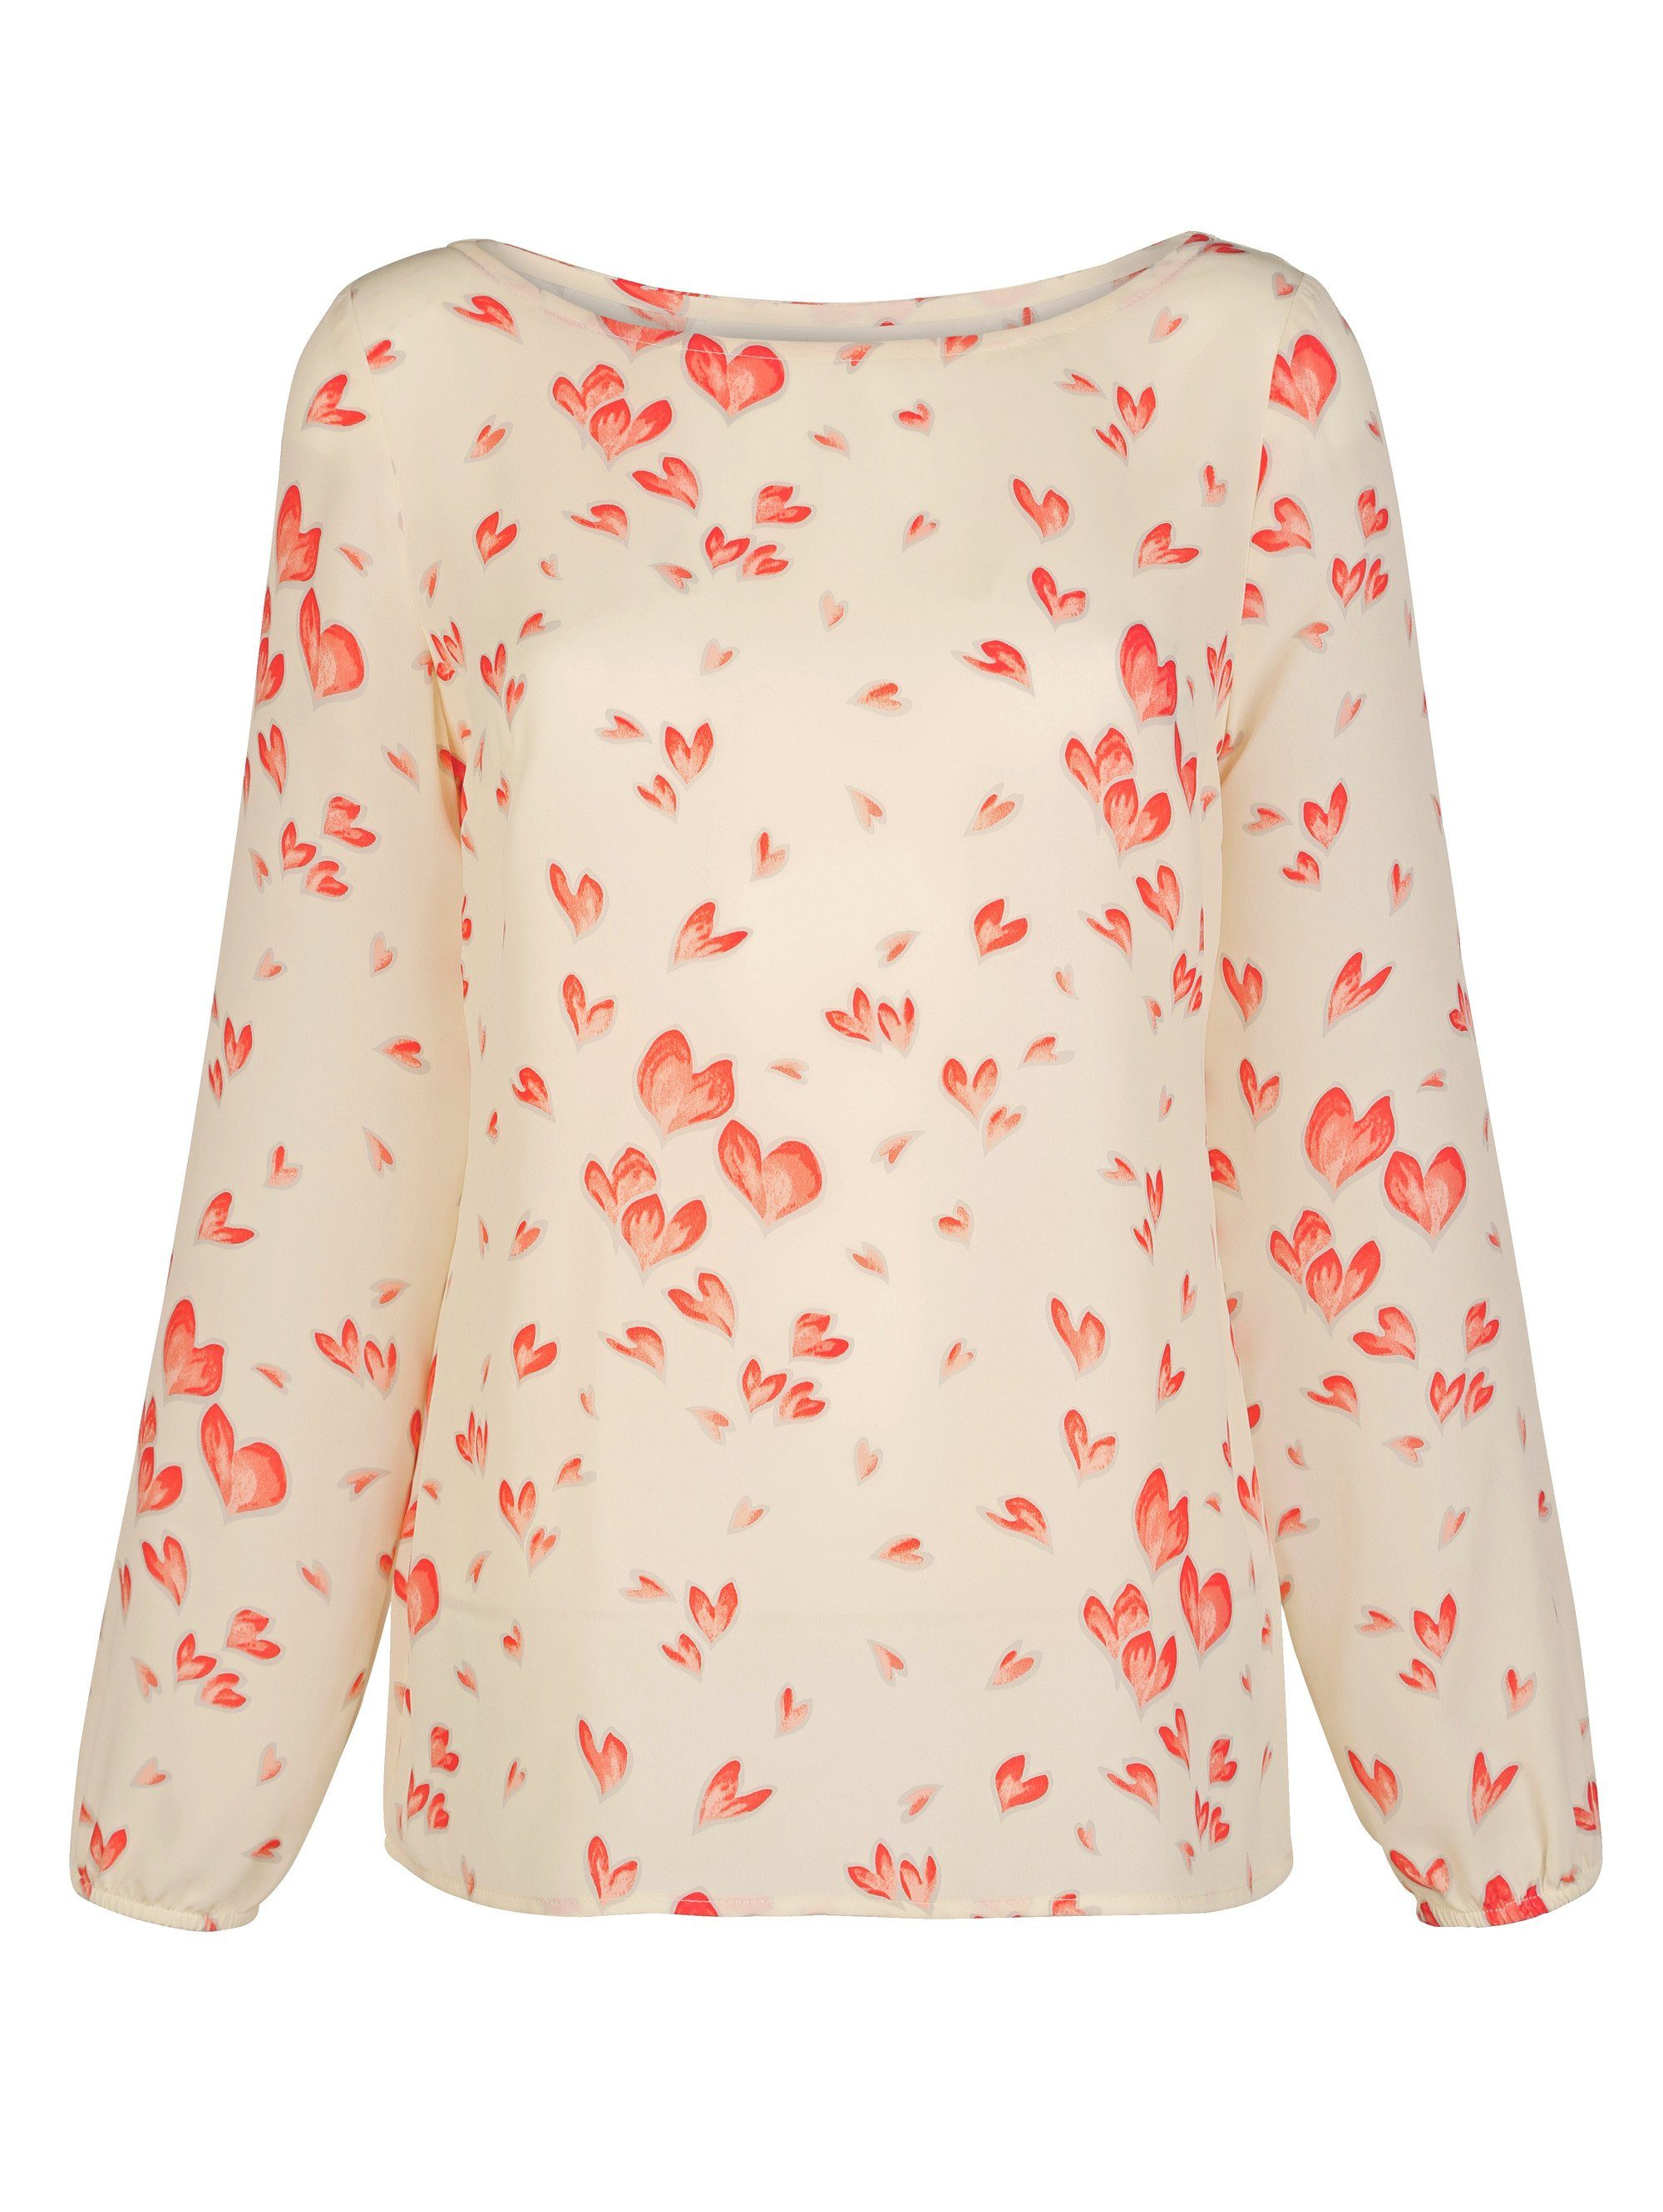 Alba Moda Blusenshirt mit Herzchen-Print